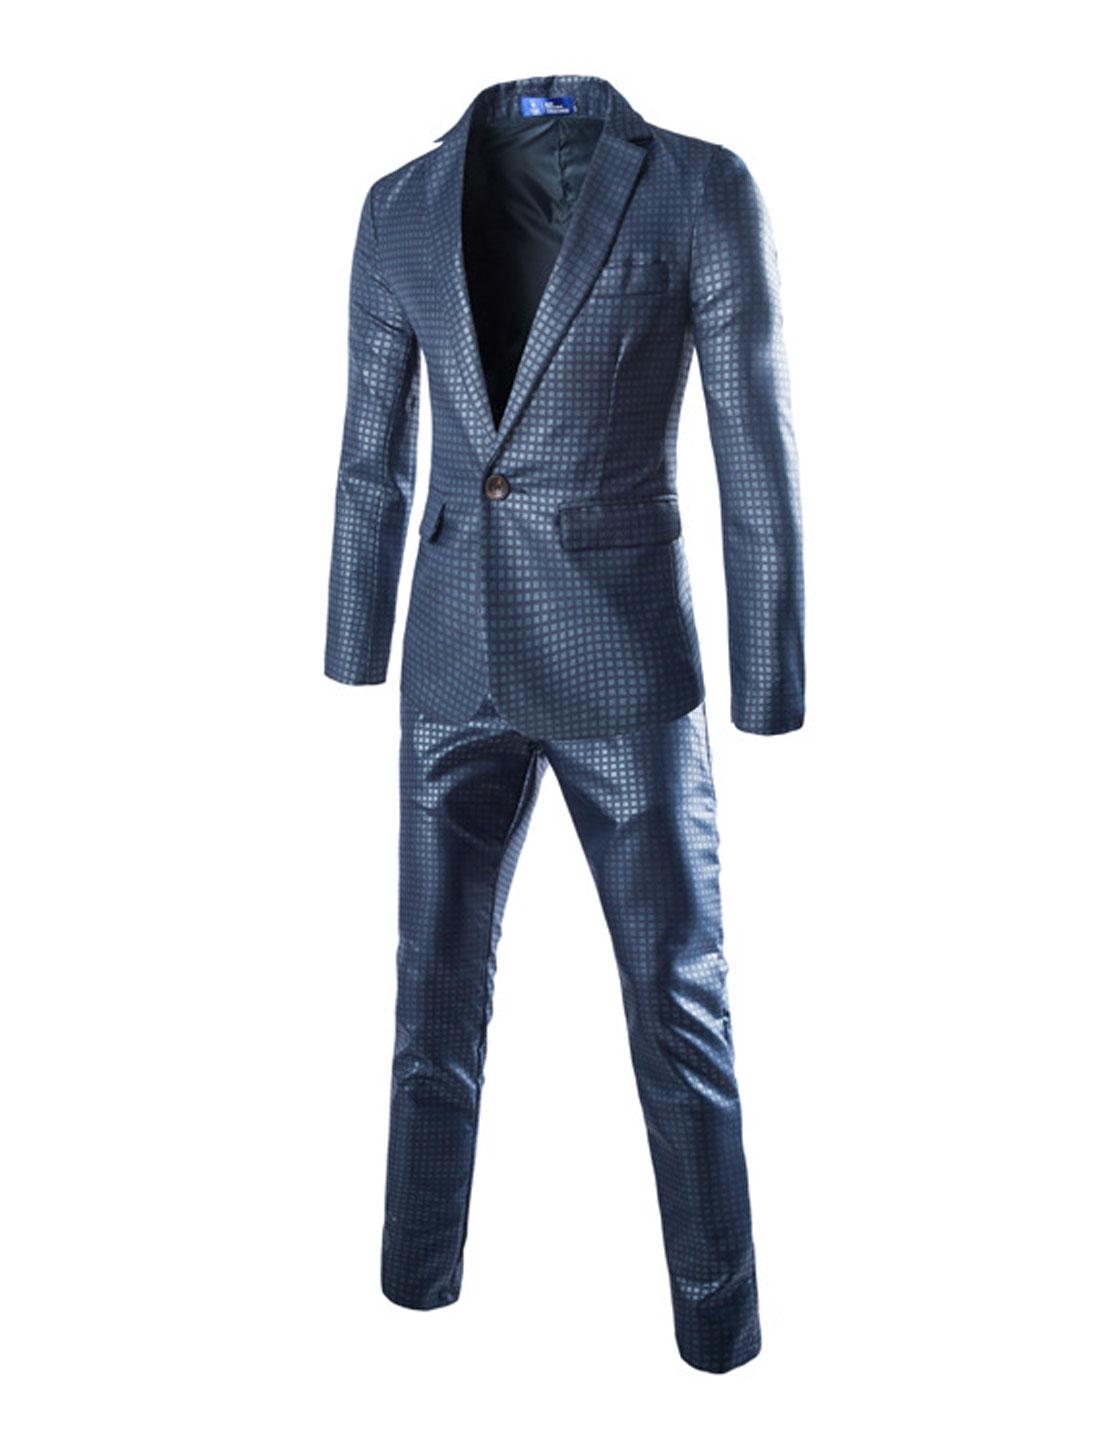 Men Notched Lapel Plaids Print One Button Closed Blazer w Pants Sets Navy Blue S